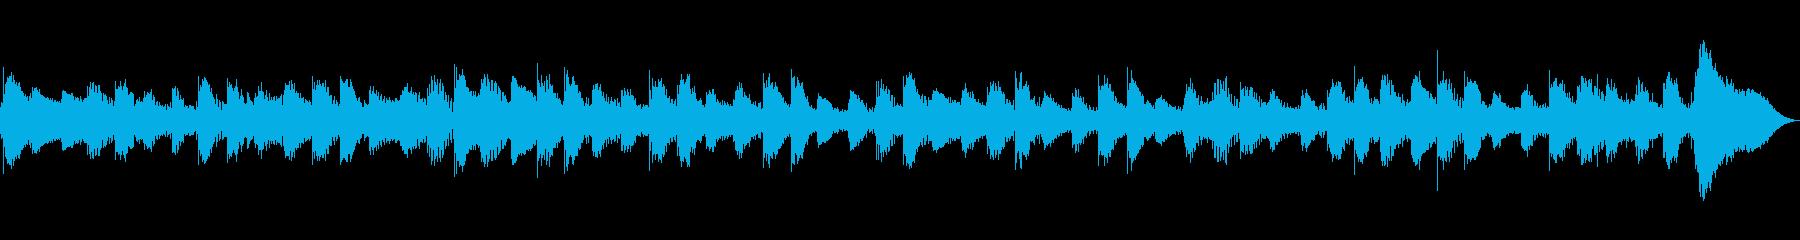 サスペンスのある暗いインストゥルメ...の再生済みの波形